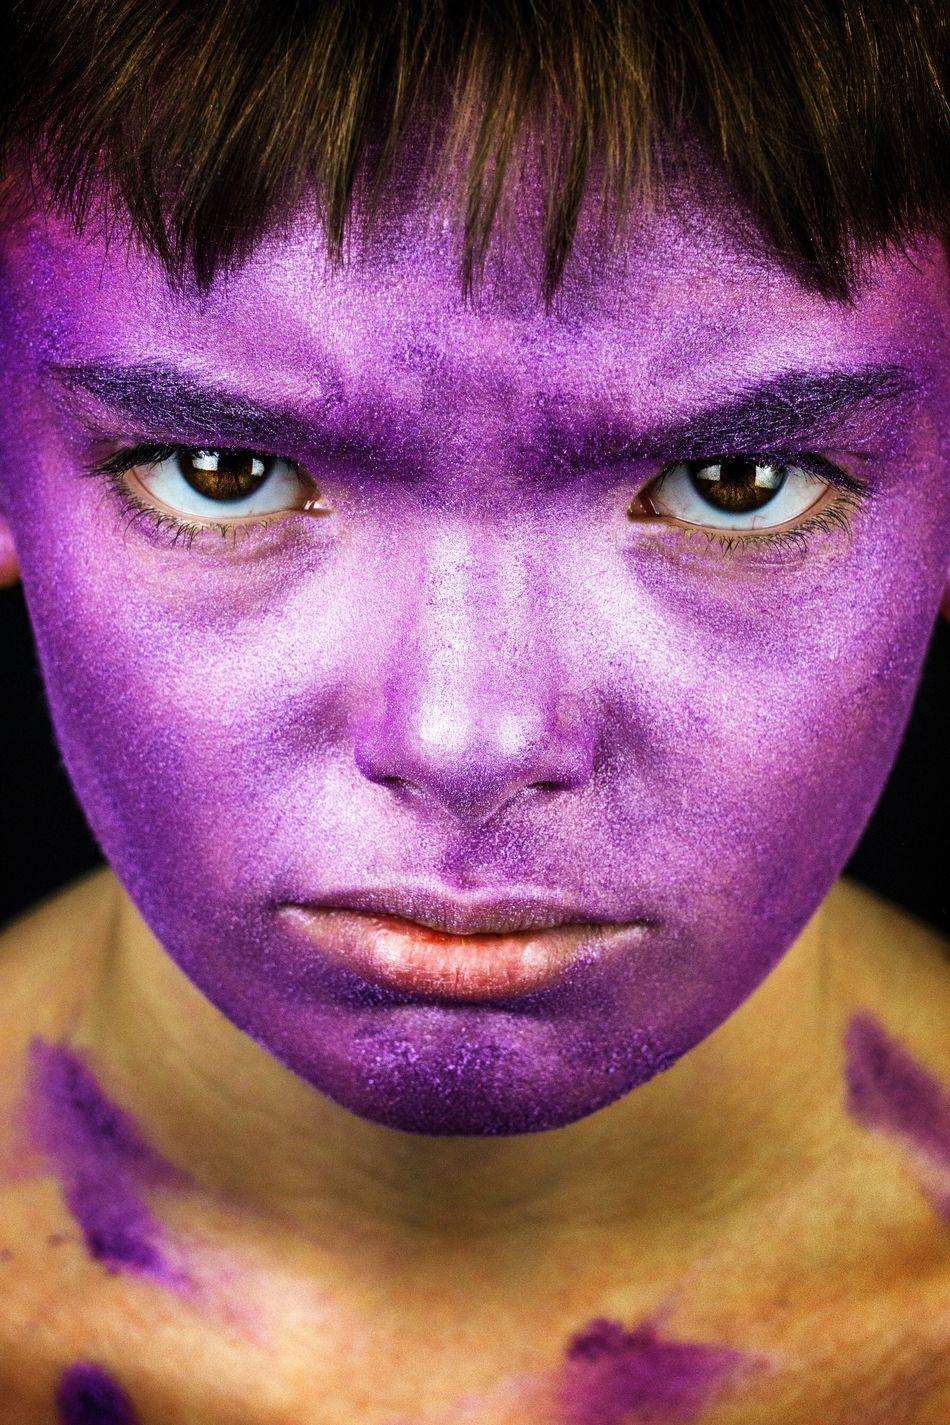 Purple child. Color Portrait Portraits Of EyeEm Portrait Photography Portrait Human Face Eye Children Photography Portraiture Colorful Colors Purple Facial Expression Studio Shot Fresh On Market 2017